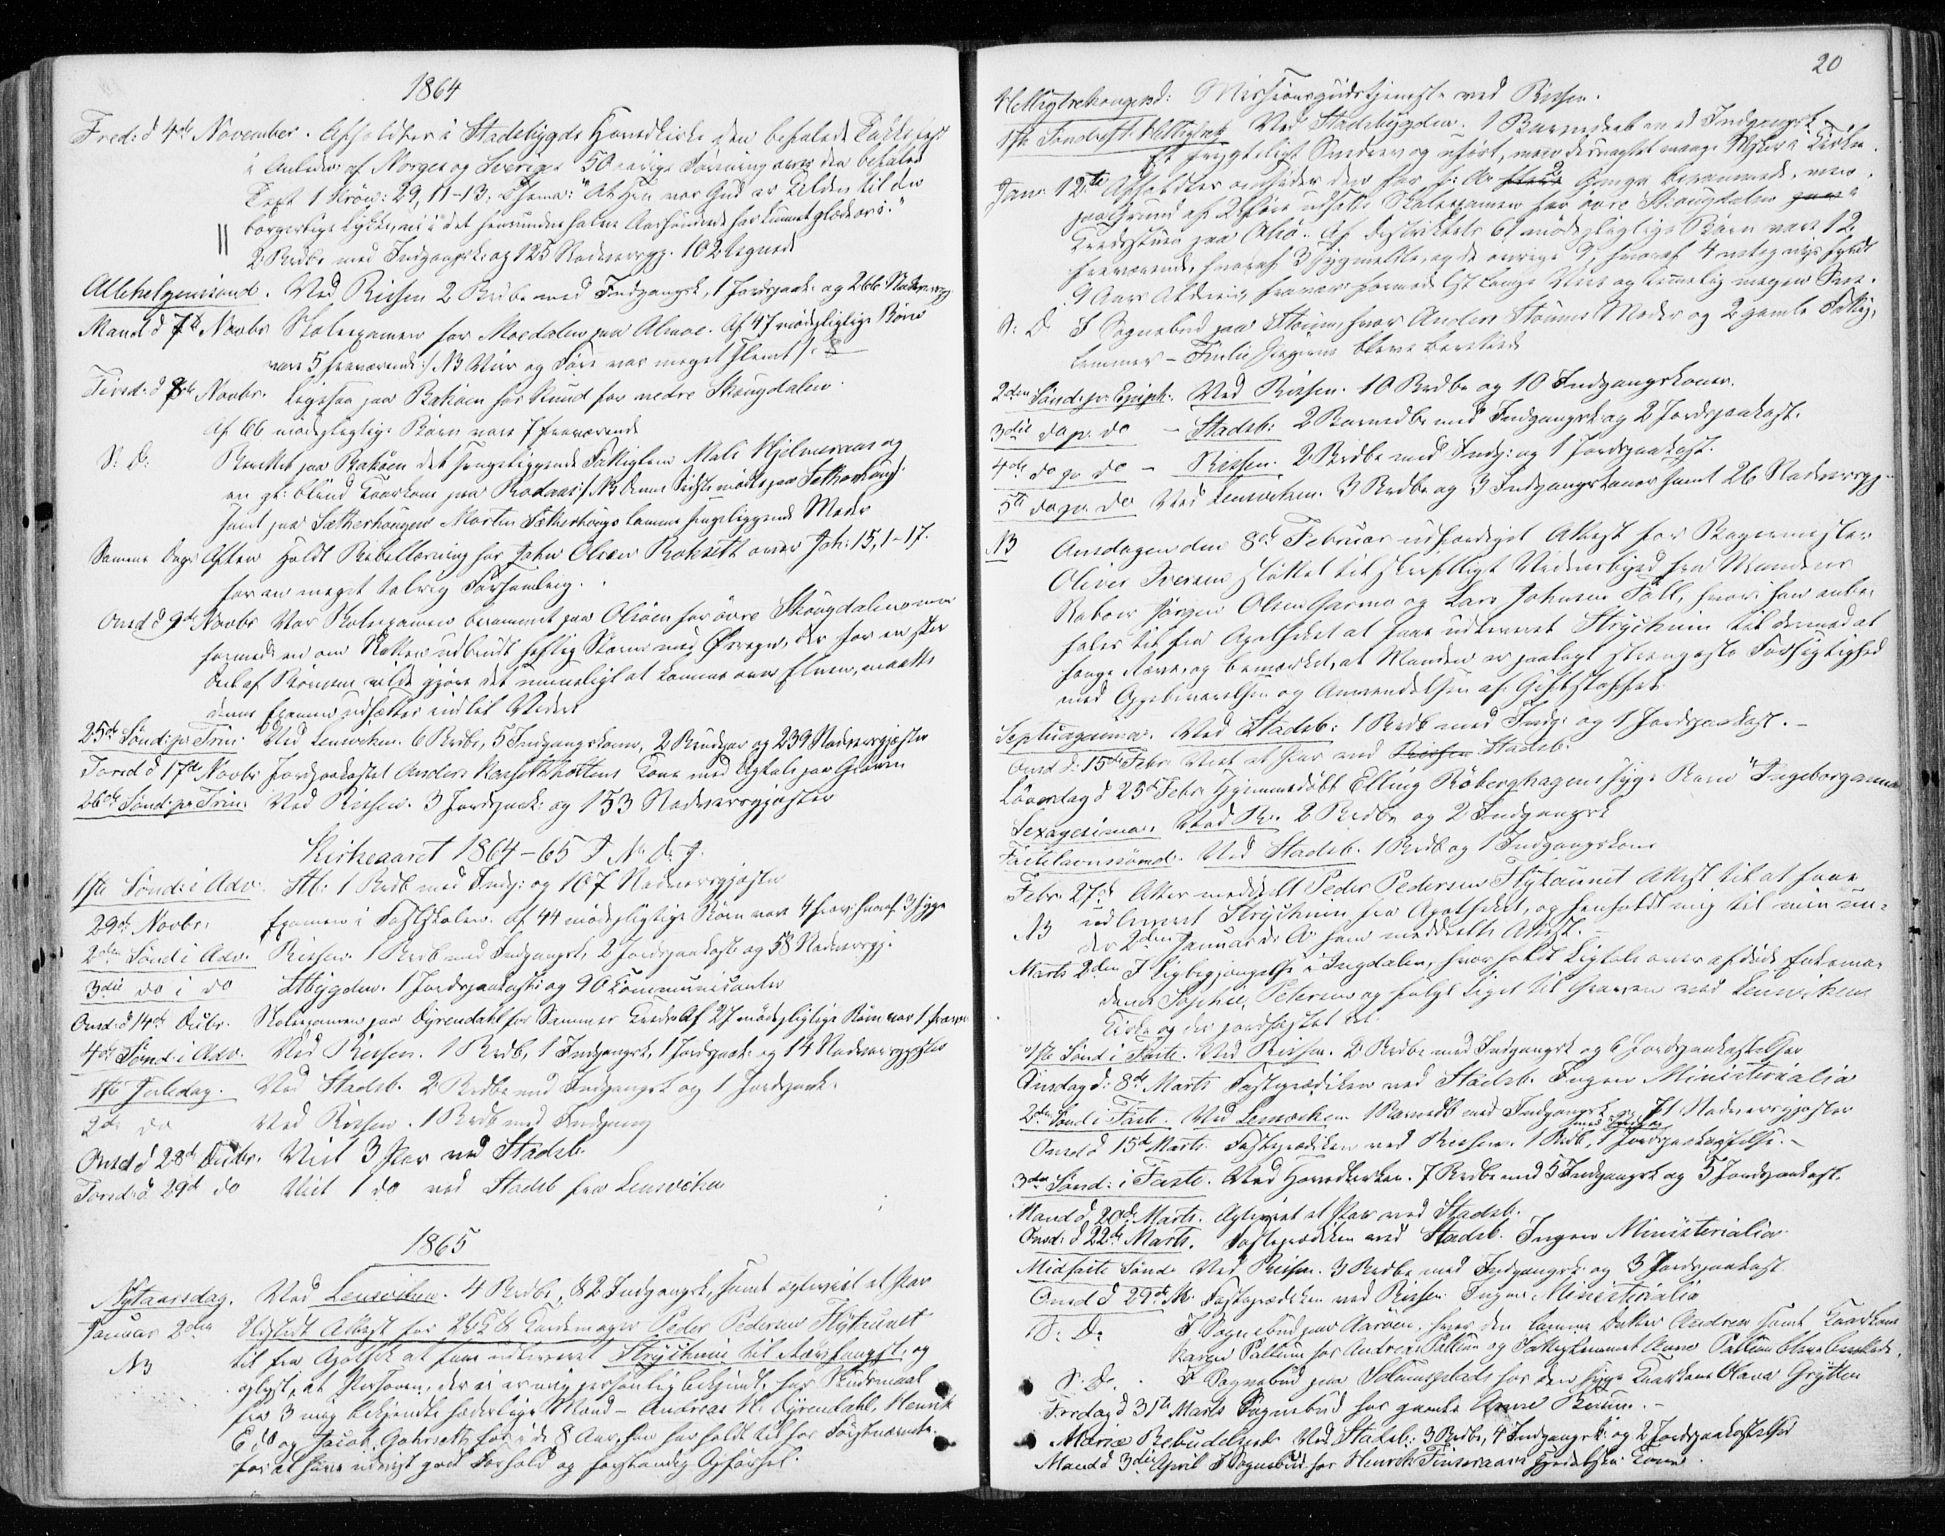 SAT, Ministerialprotokoller, klokkerbøker og fødselsregistre - Sør-Trøndelag, 646/L0612: Ministerialbok nr. 646A10, 1858-1869, s. 20